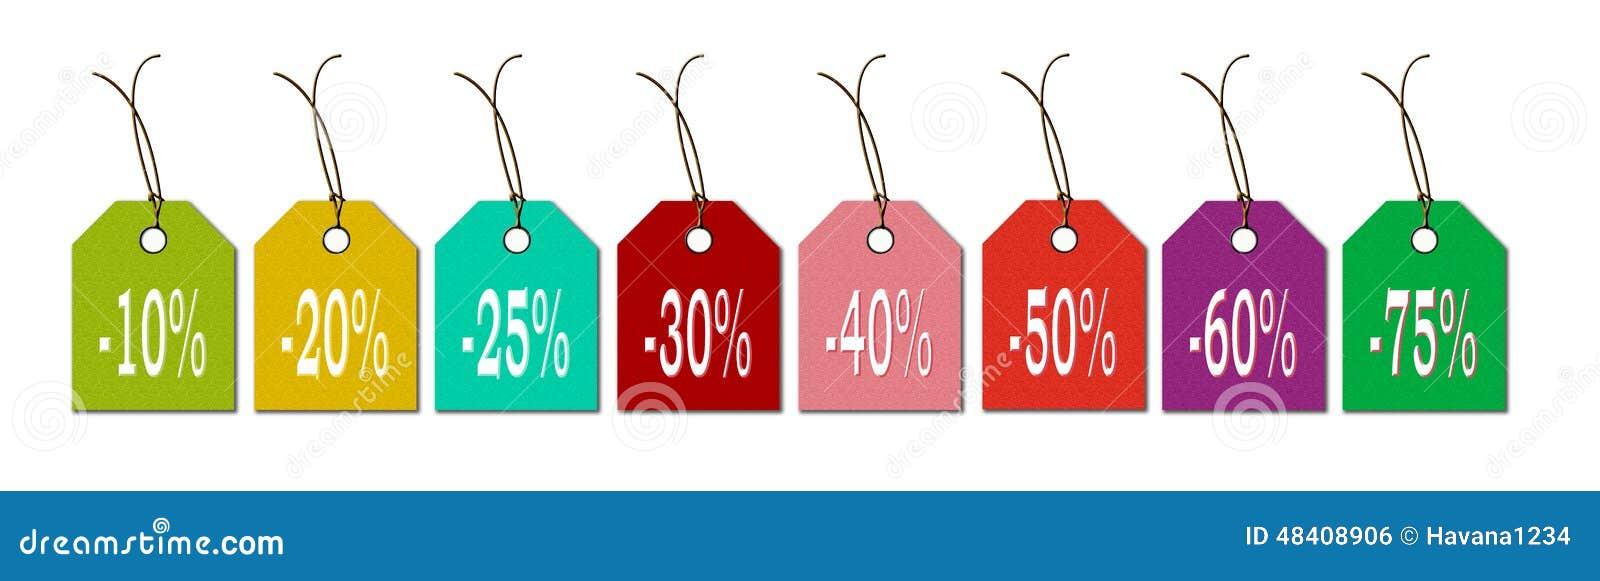 Etiketten in de nieuwe kleuren voor verkoopkoopjes en kortingen